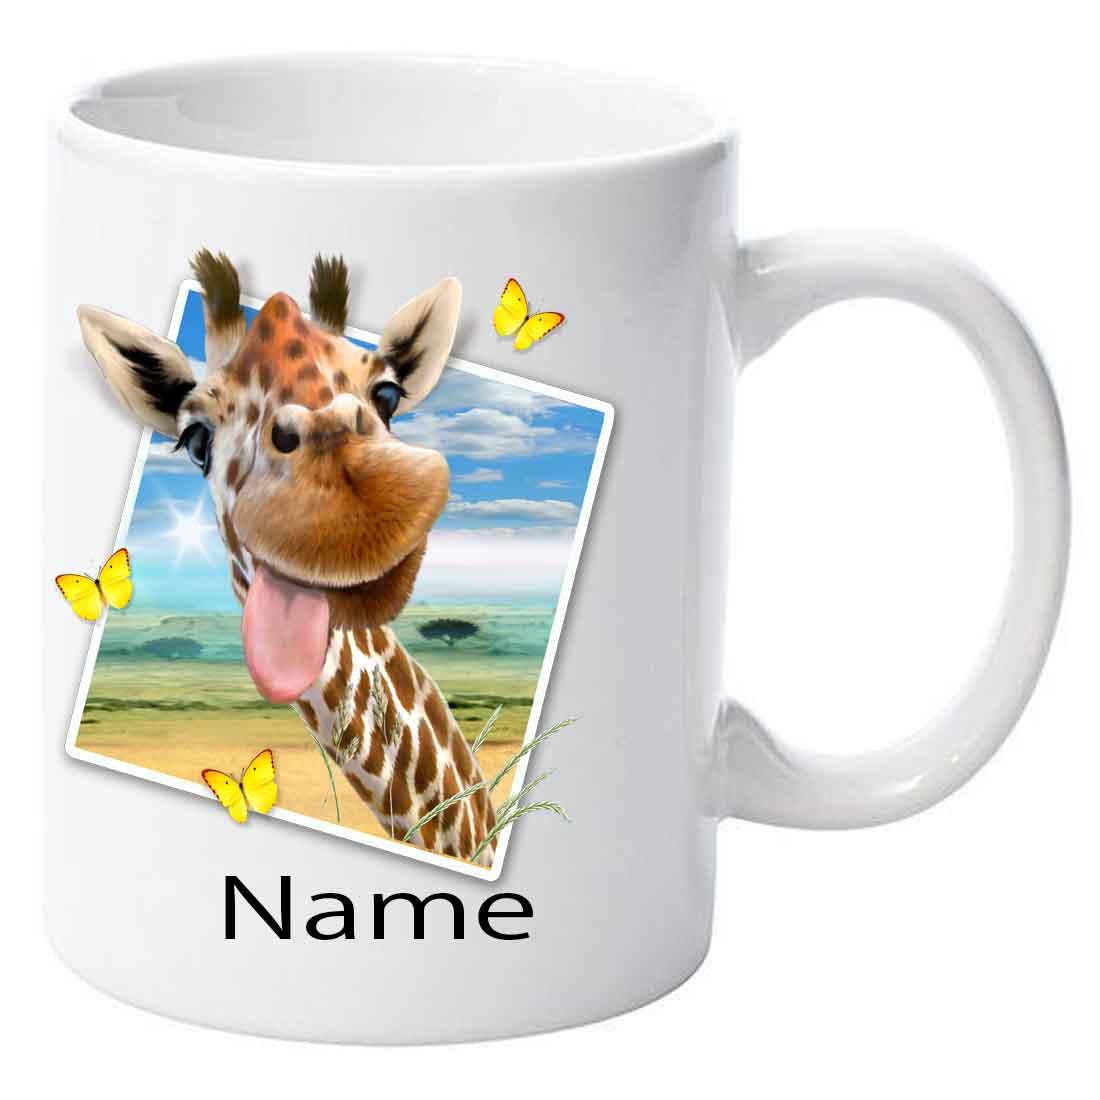 Personalised Giraffe Selfie Ceramic Mug